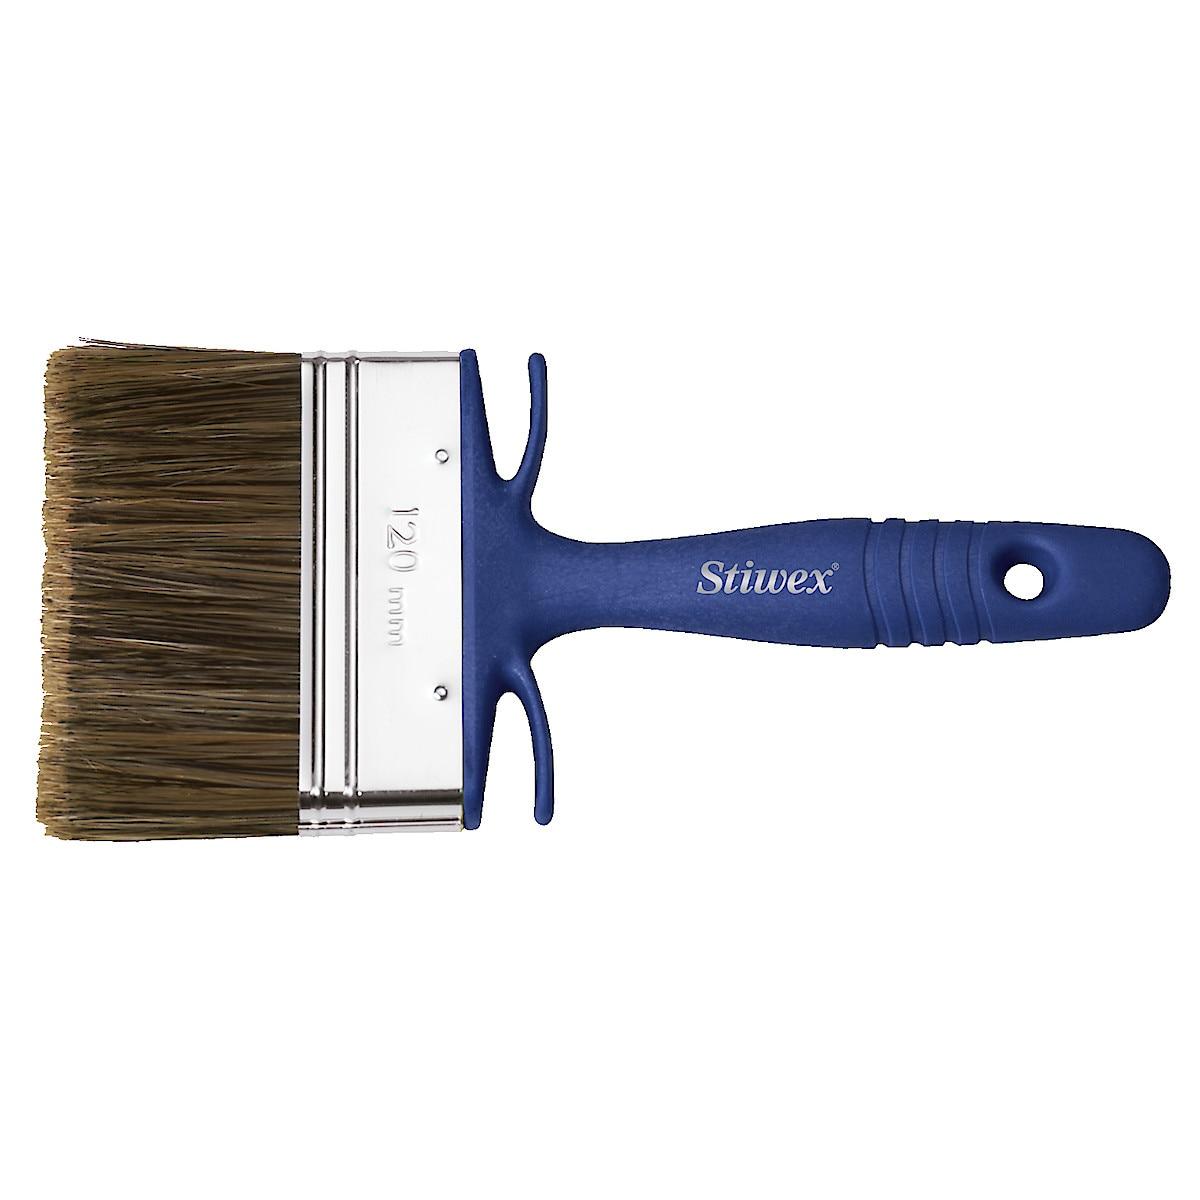 Stiwex Basic 2000 Fence Brush